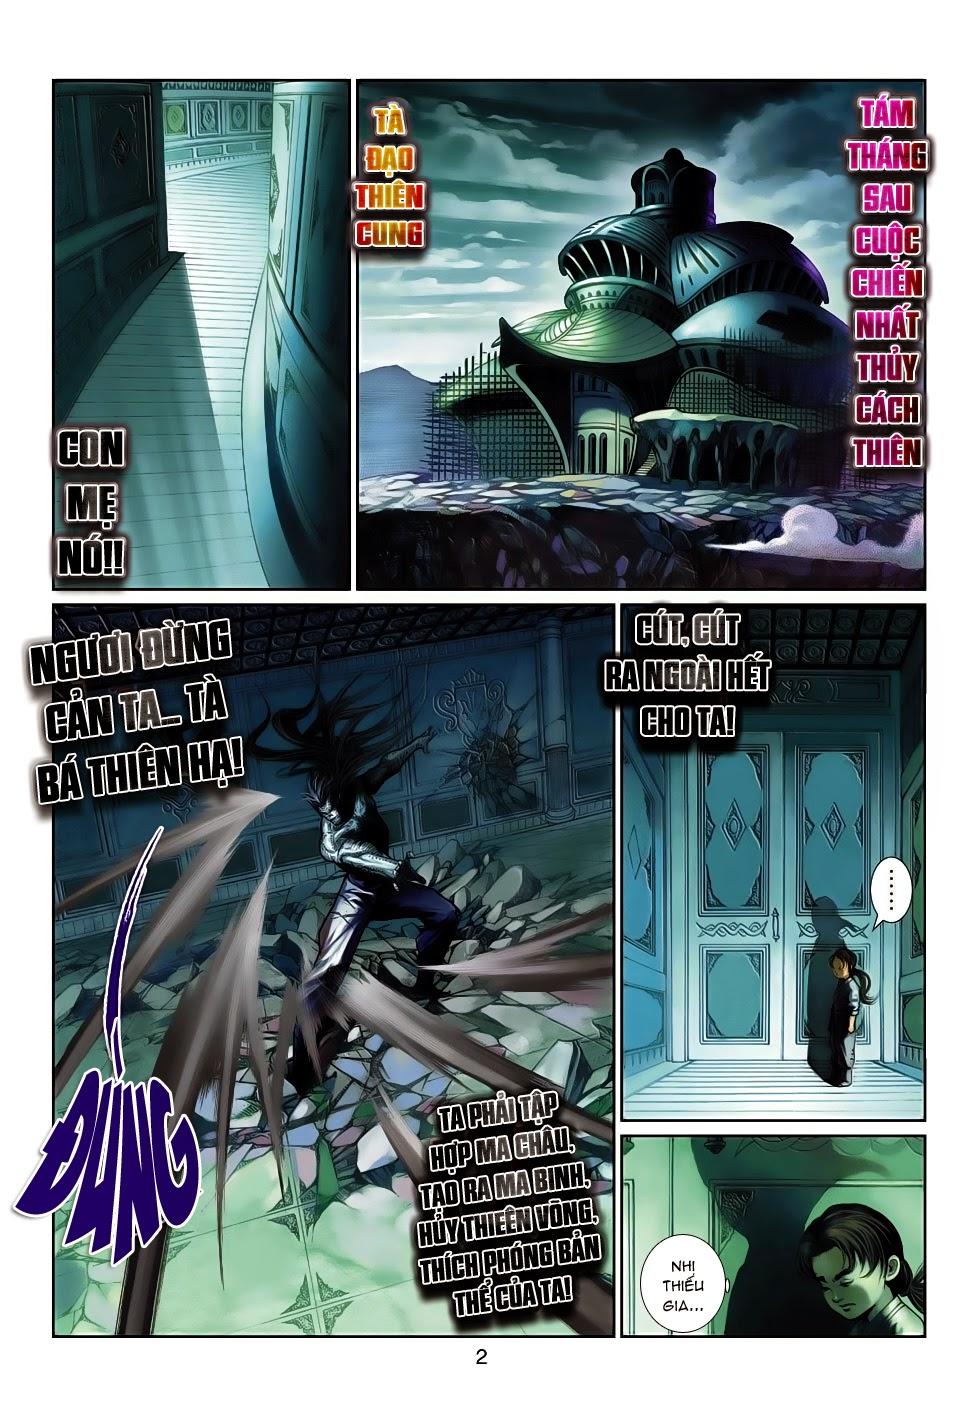 Thần Binh Tiền Truyện 4 - Huyền Thiên Tà Đế chap 14 - Trang 2